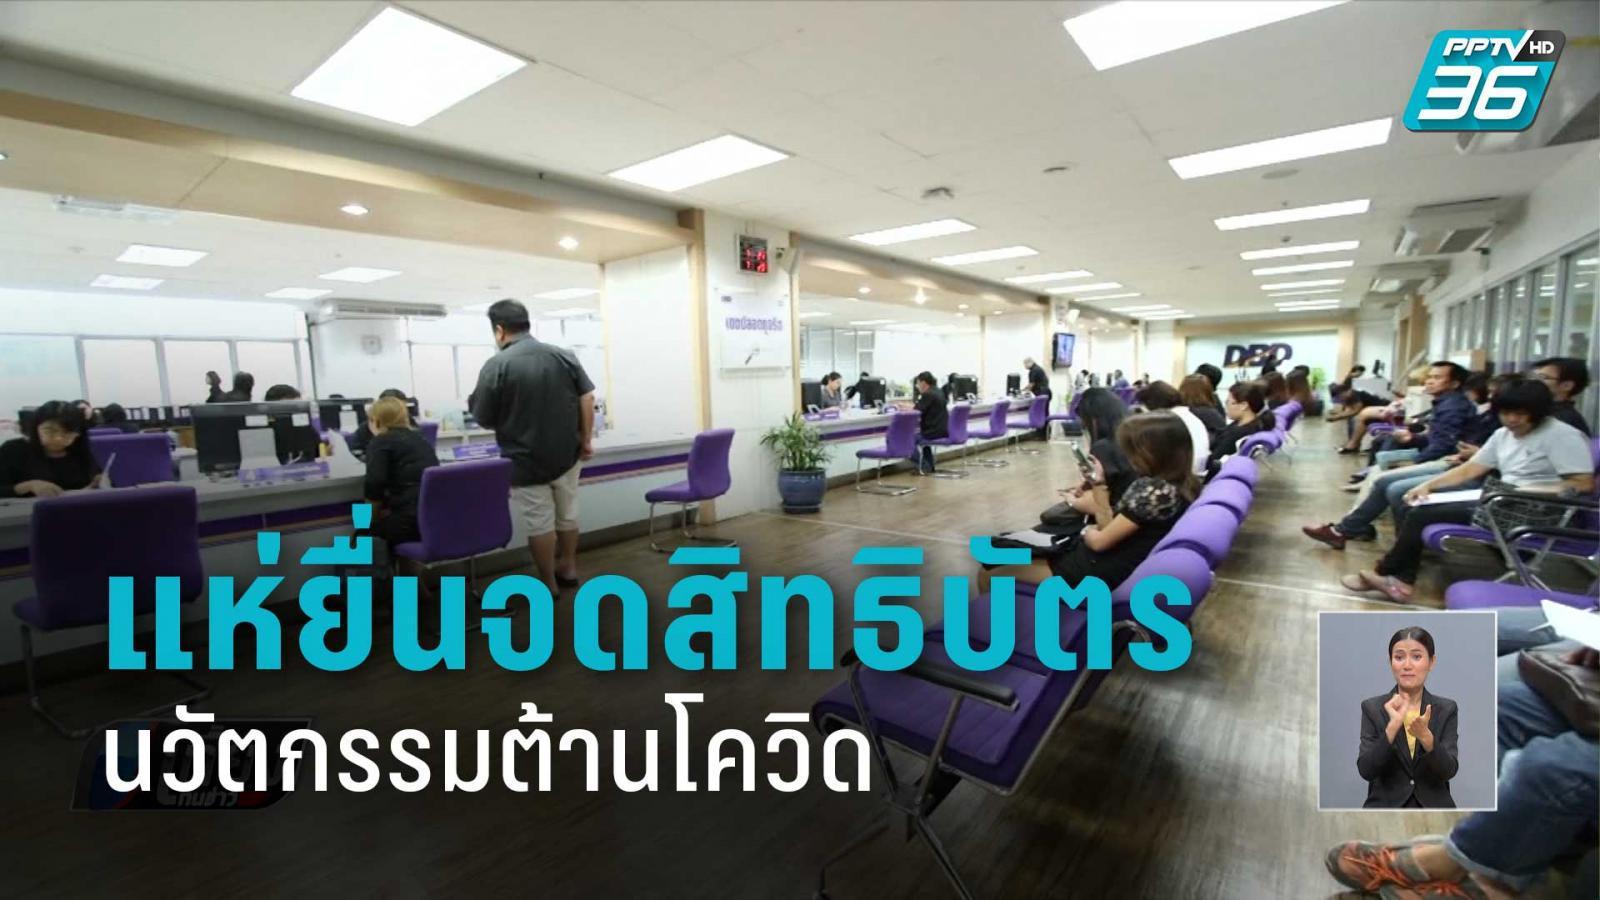 คนไทยแห่ยื่นจดสิทธิบัตร คุ้มครองนวัตกรรมต้านโควิด-19